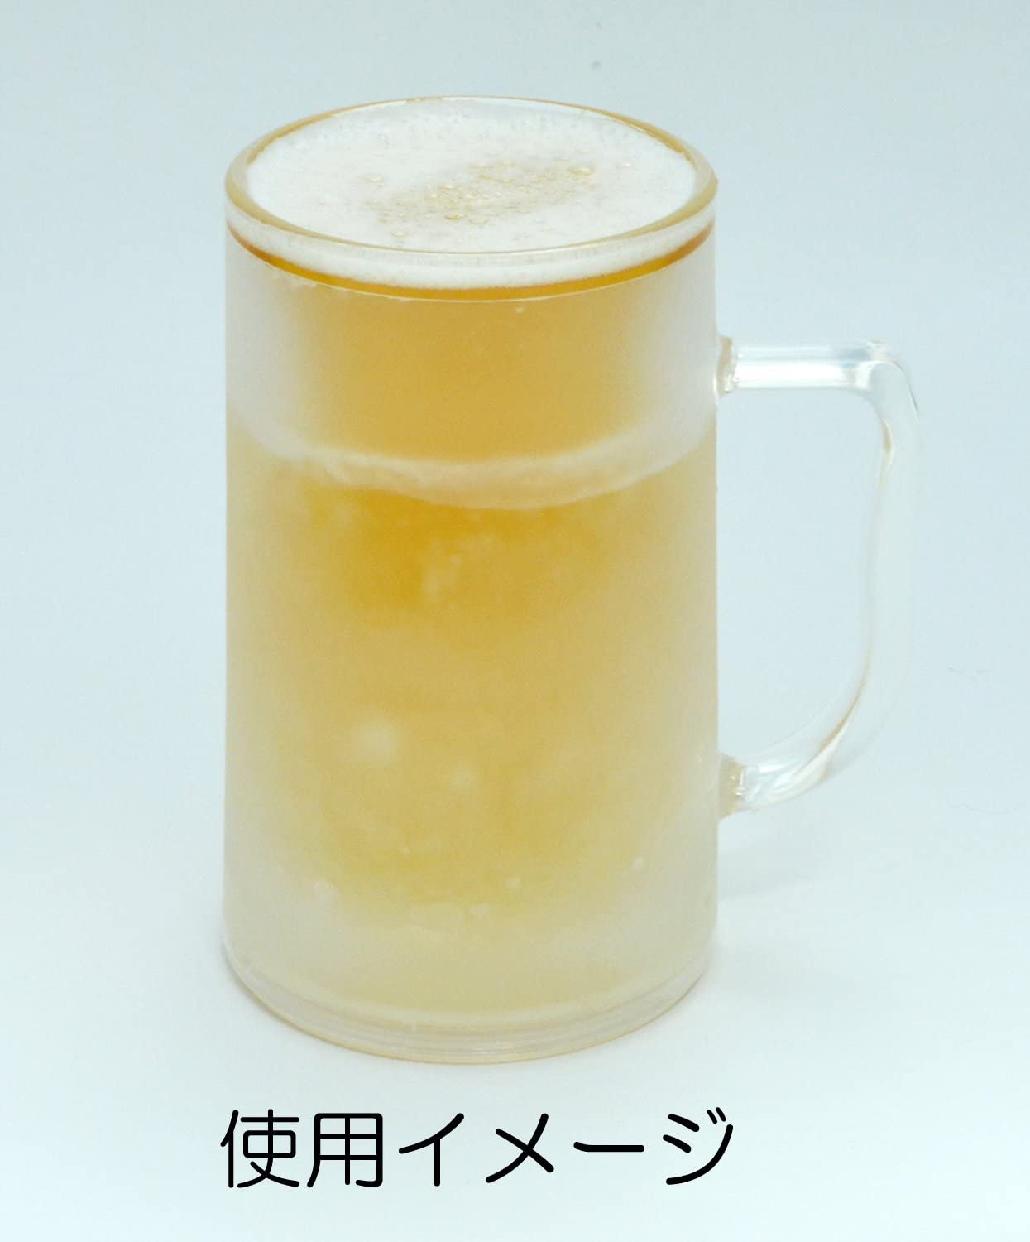 ユタカ産業(ユタカサンギョウ)冷保 (レイホ) ジョッキの商品画像6